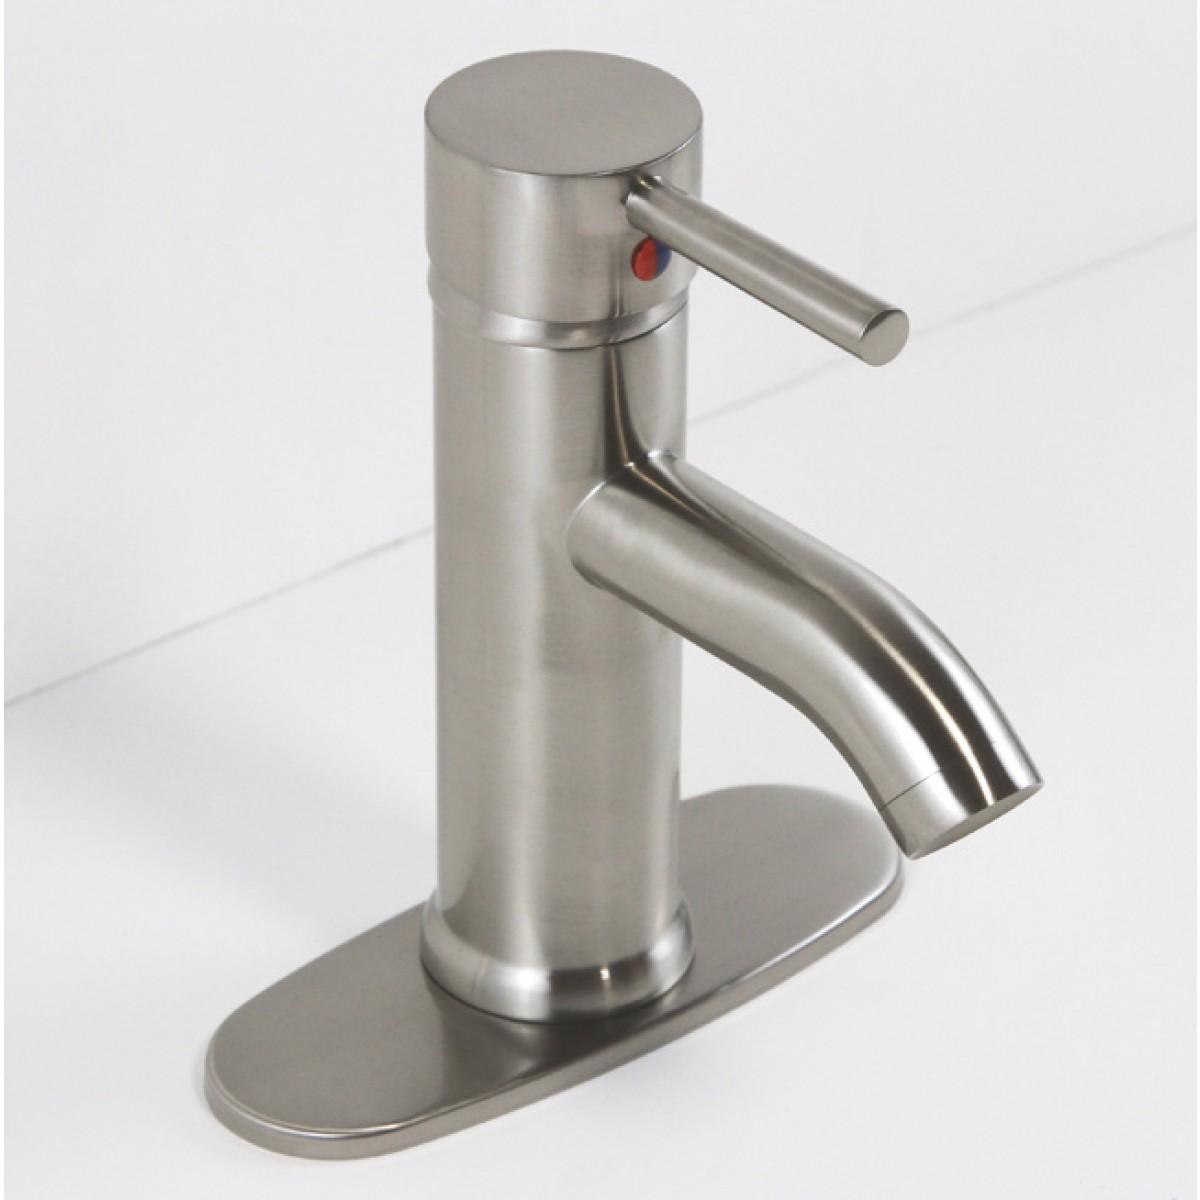 Brushed Nickle Finish Bathroom Vessel Sink Faucet Hole